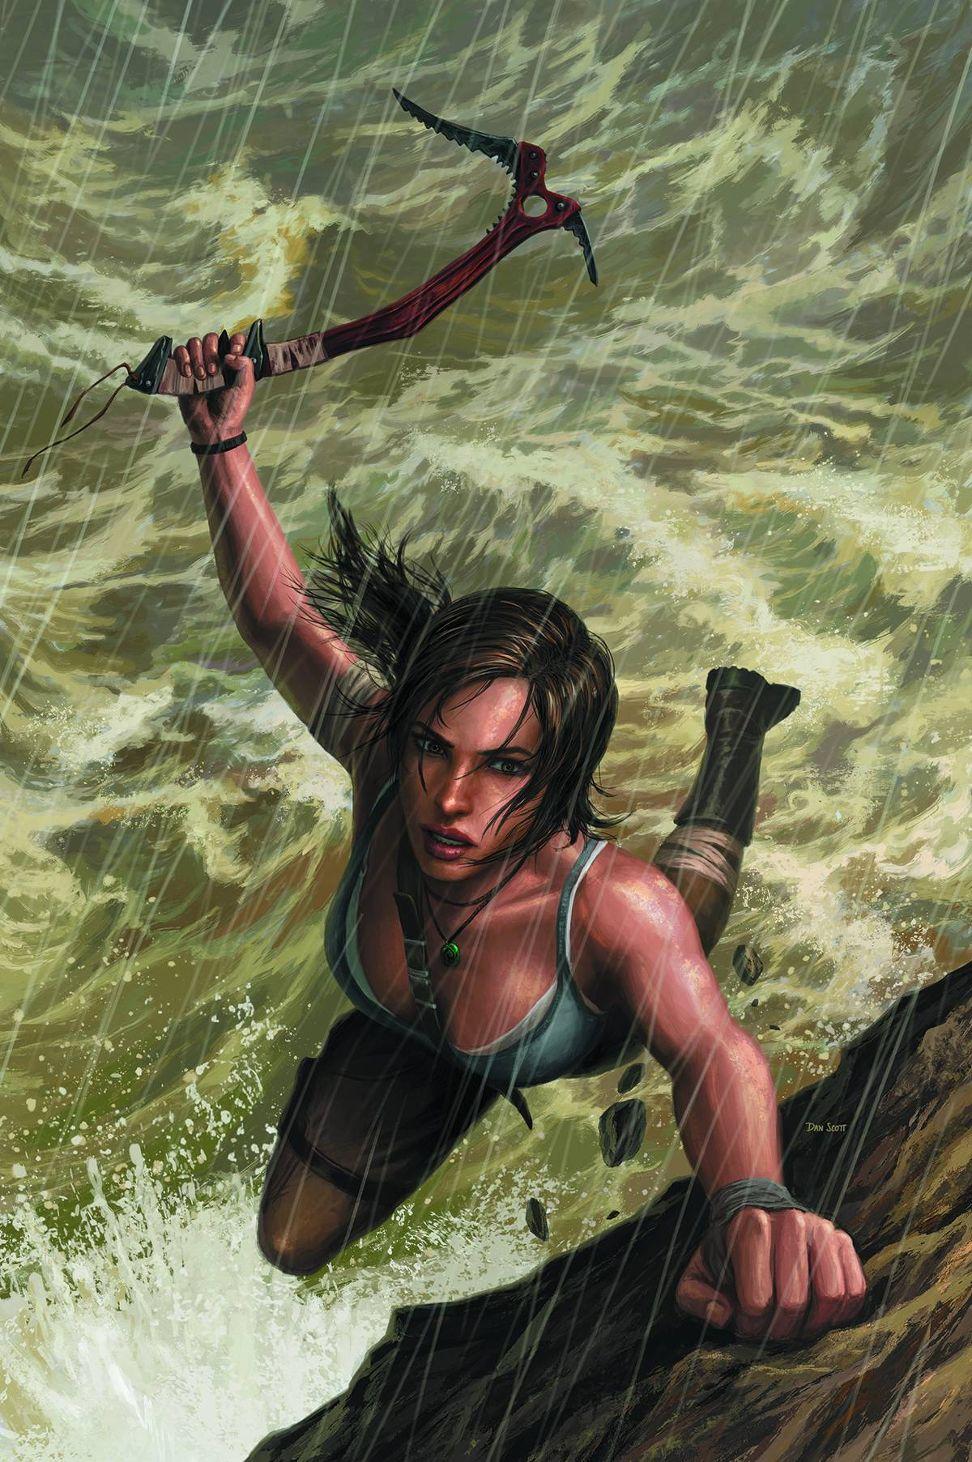 Lara croft horse naked images